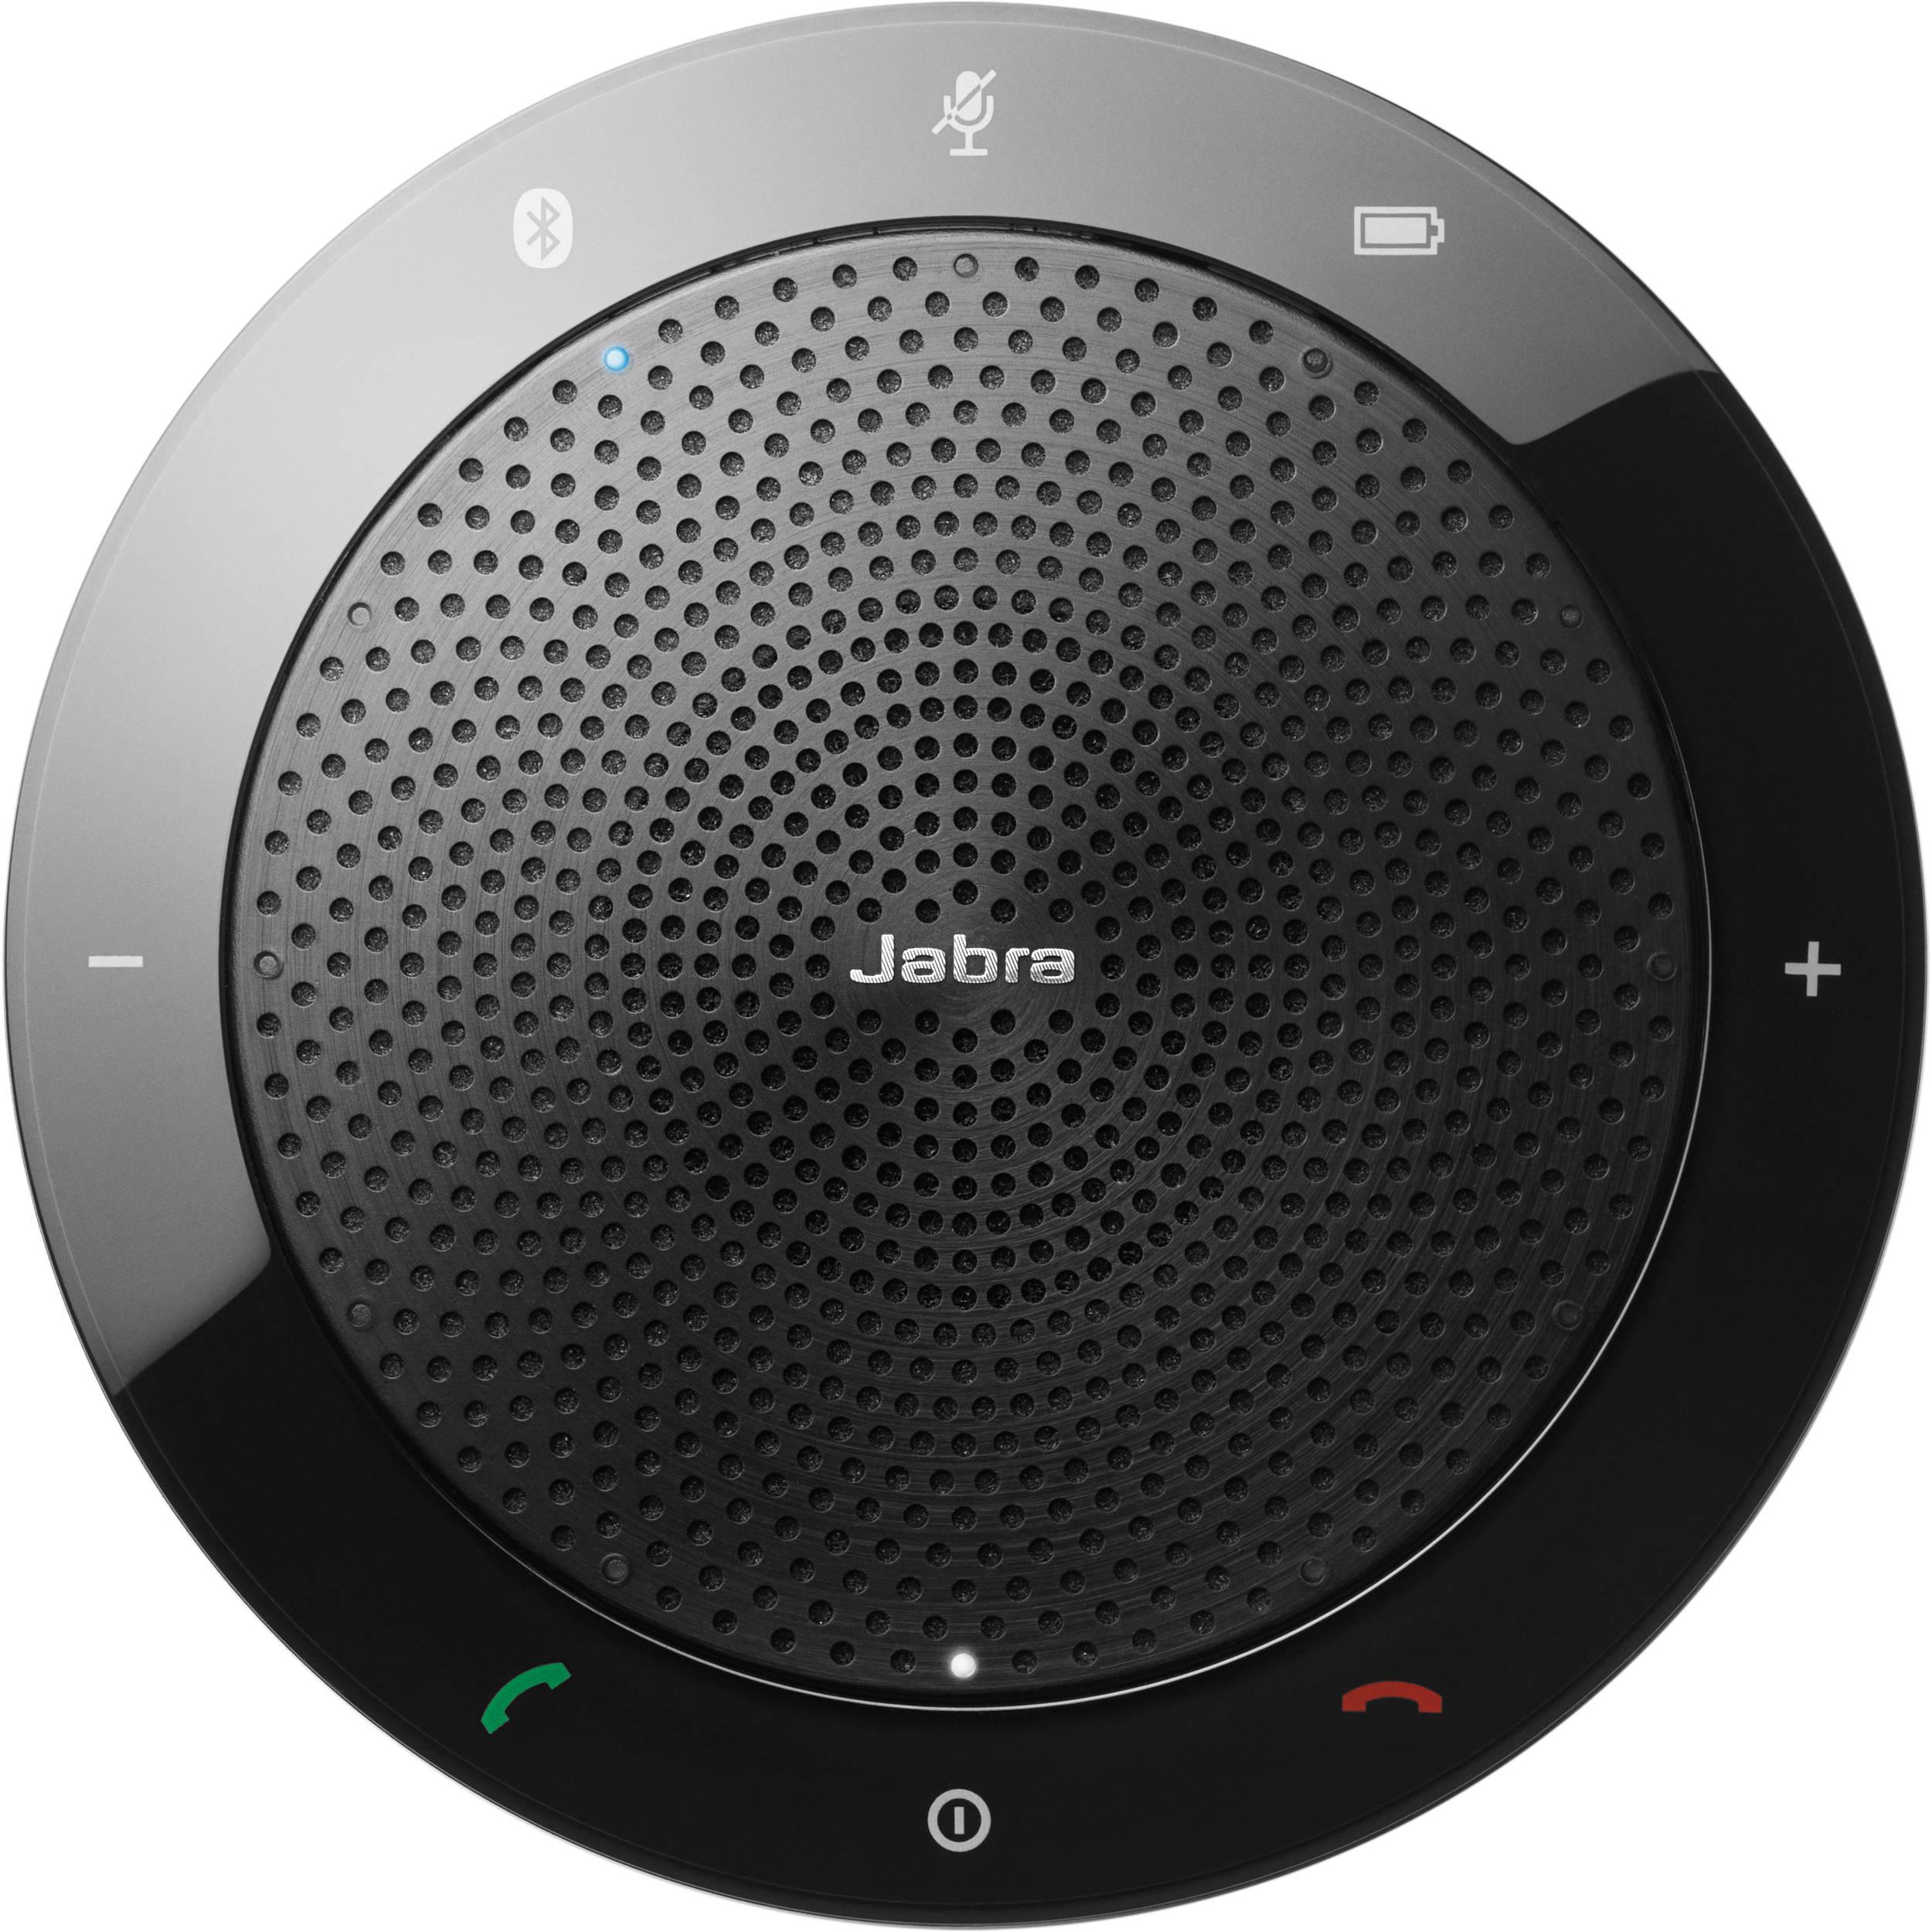 Jabra Speak 510+ Bluetooth & USB Speakerphone